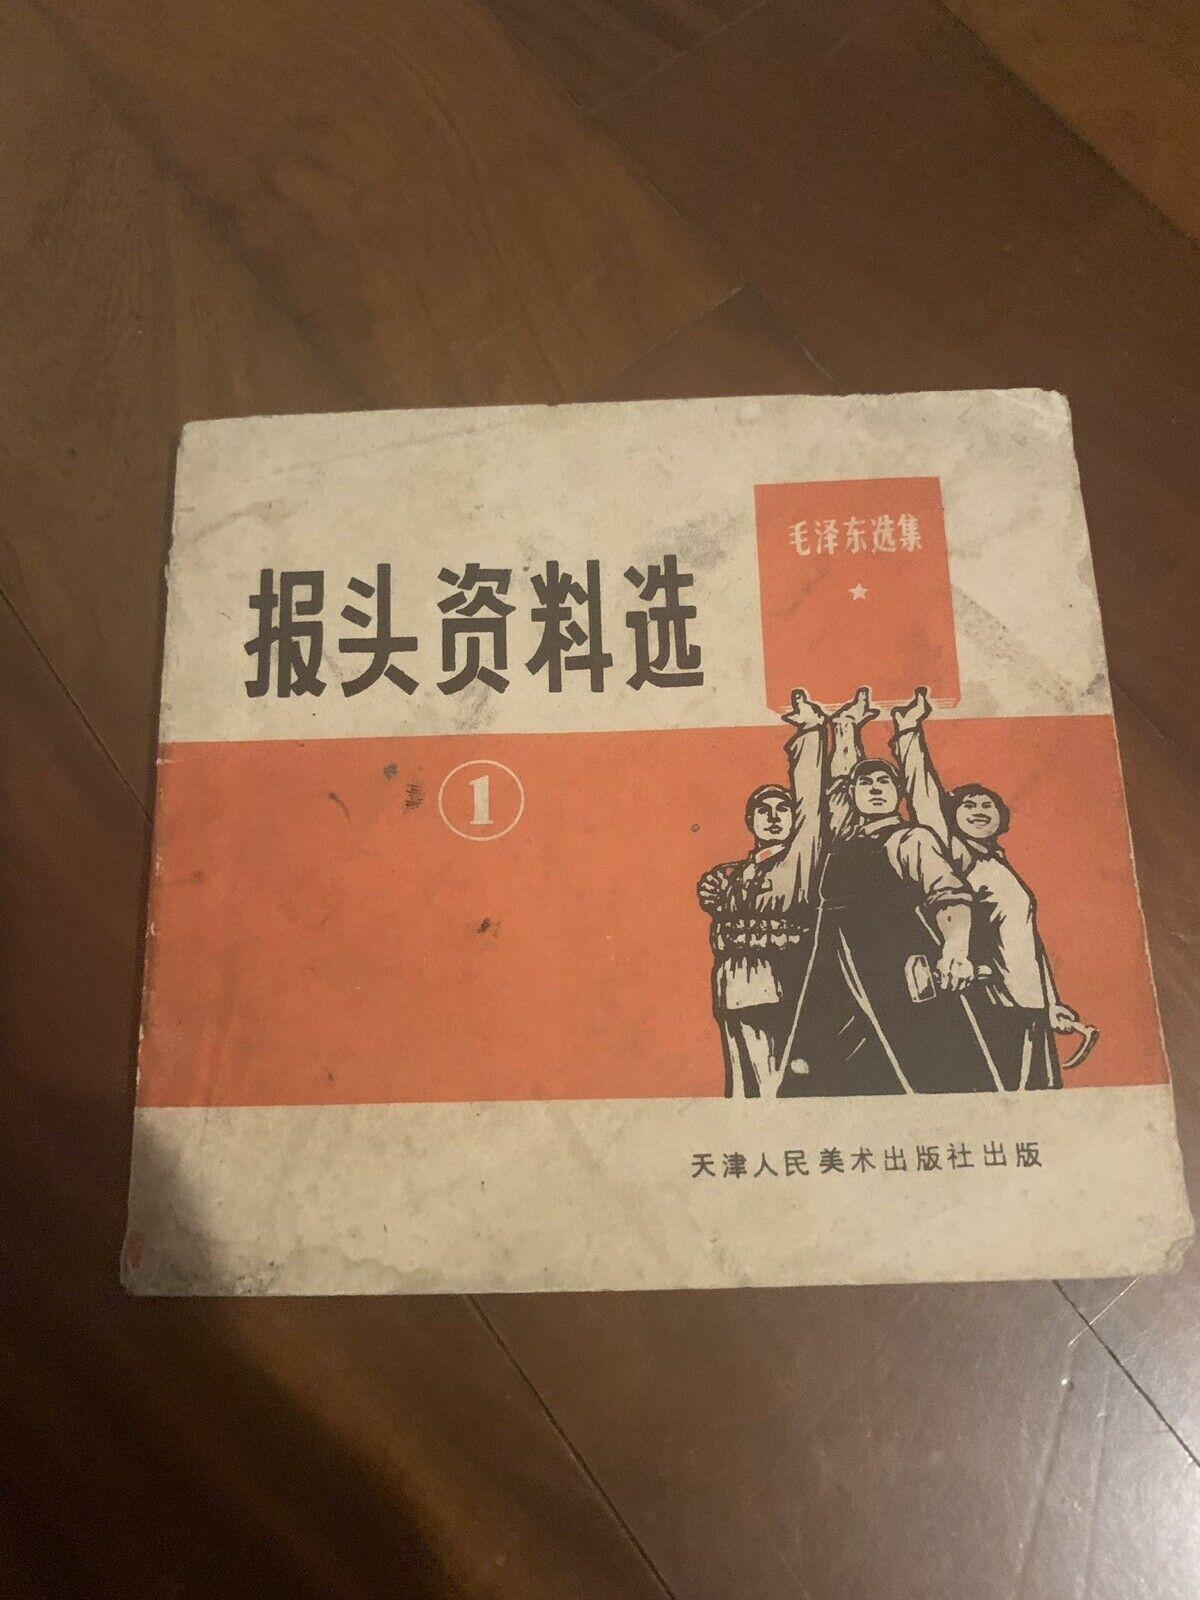 Rarissimo libretto di propaganda illustrativo delle Guardie Rosse di Mao - periodo della Rivoluzione Culturale, Pechino 1966-69